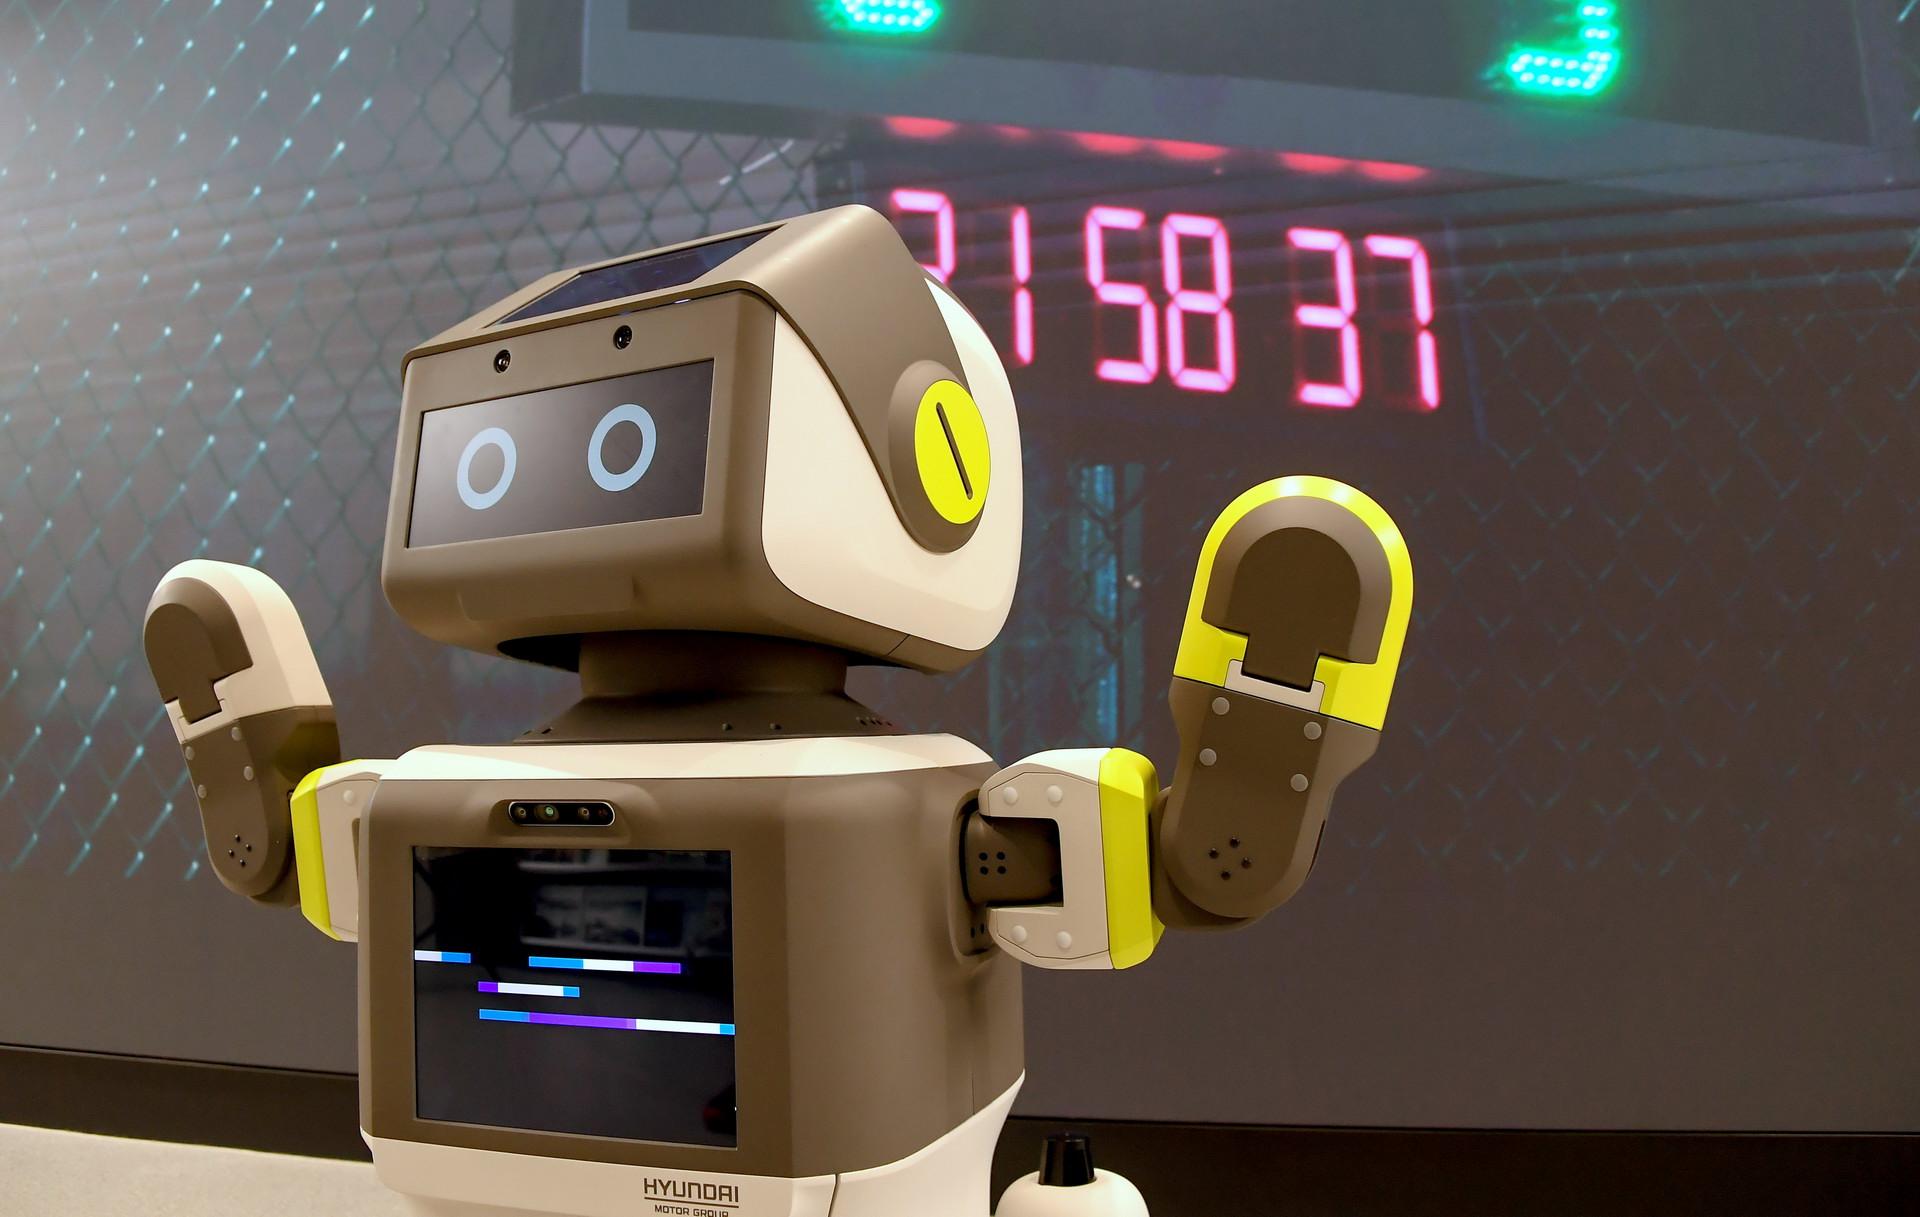 Hyundai покажет свого DAL-e робот для обслуживания клиентов